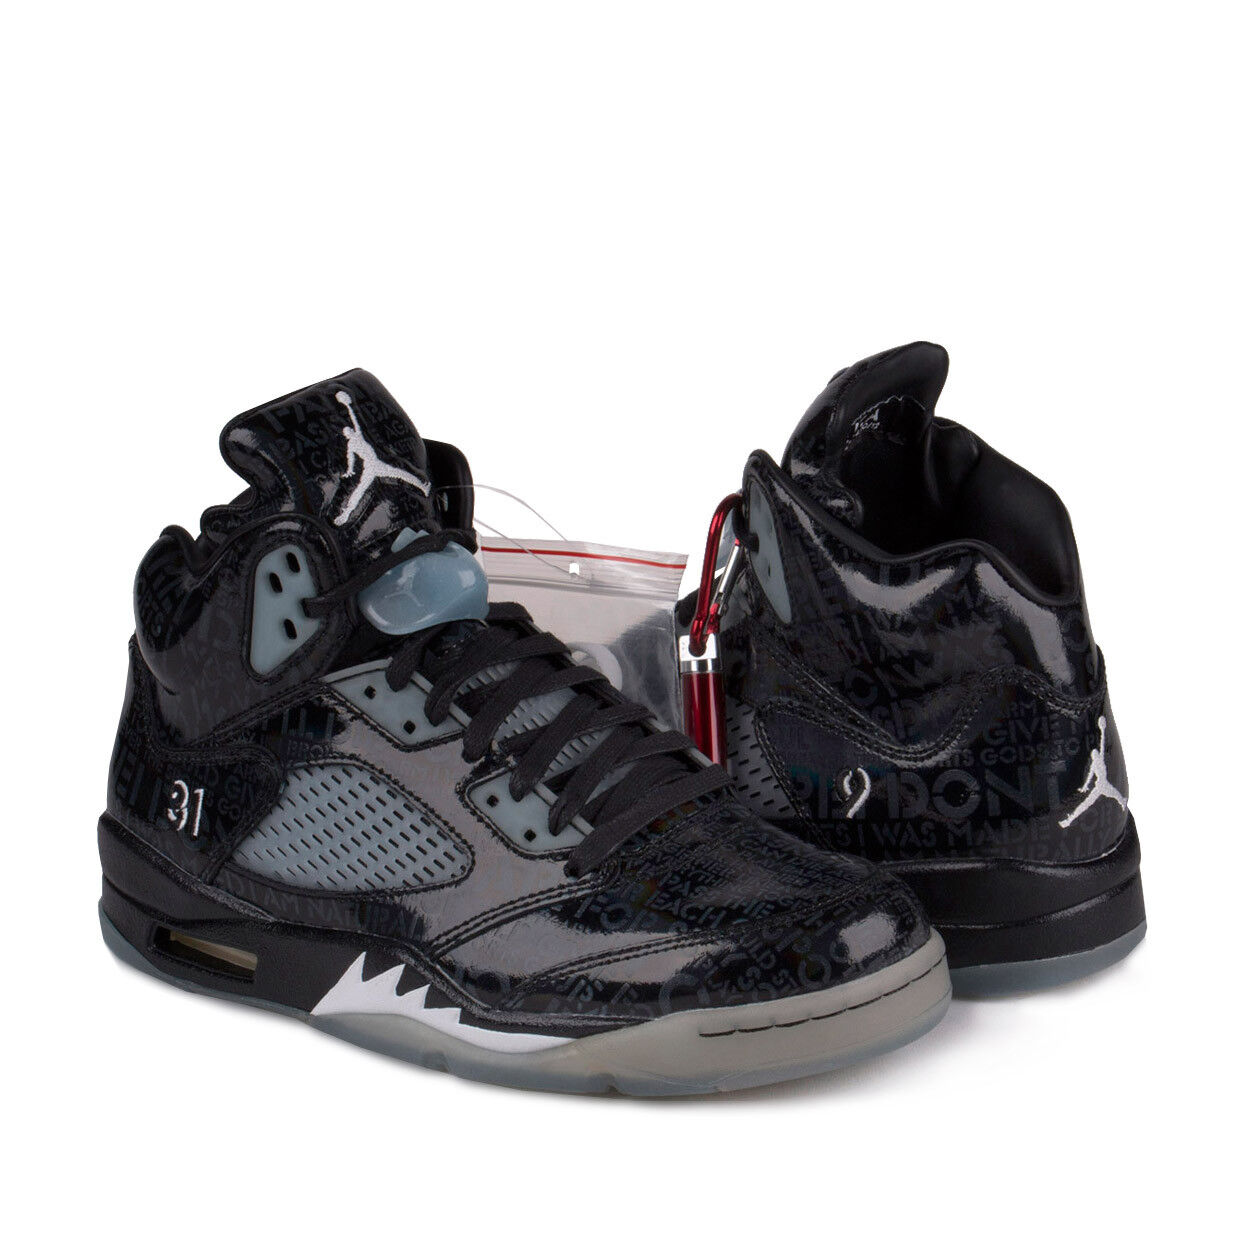 Mens Air Jordan 5 Retro DB